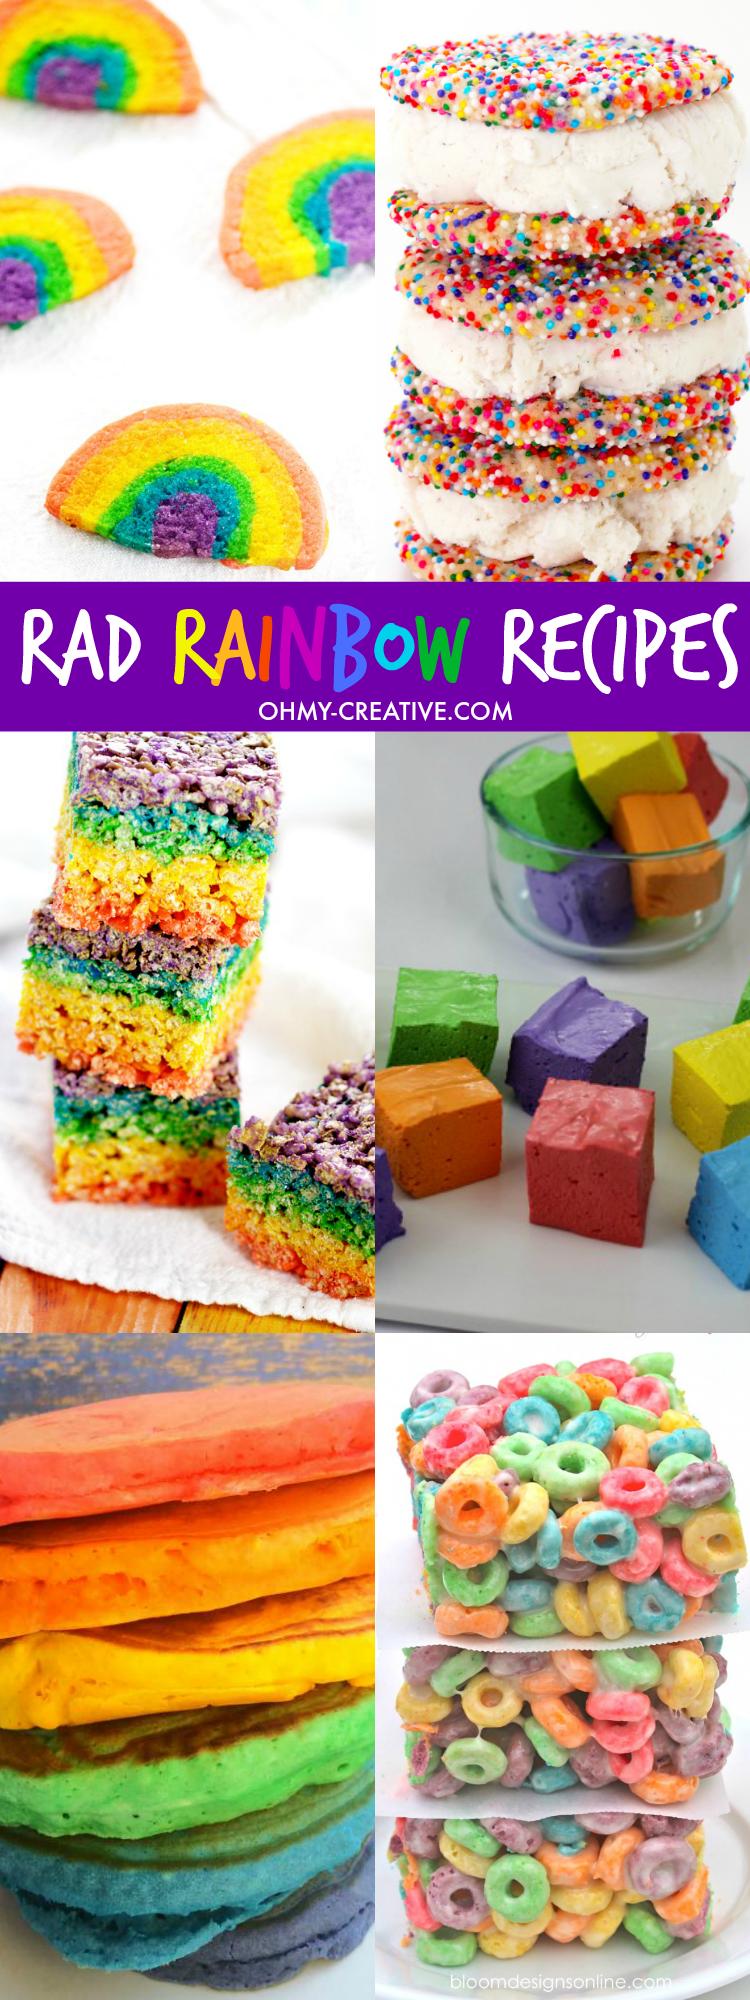 Rad Rainbow Recipes